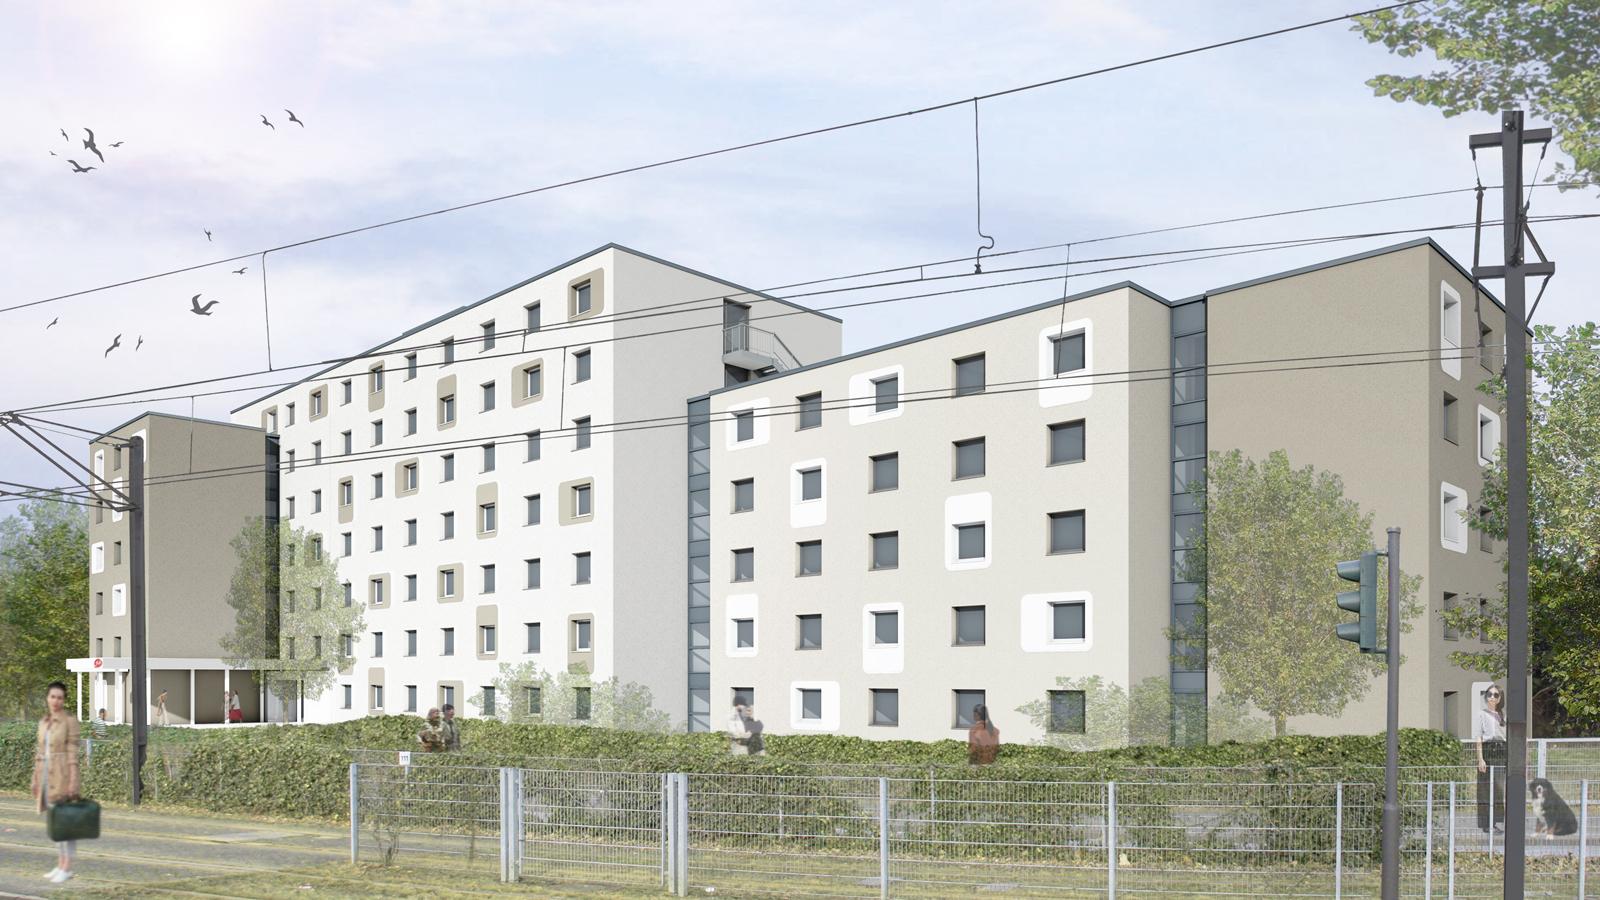 Baubeginn Studierendenwohnheim Pariserstraße, Architekt Bonn